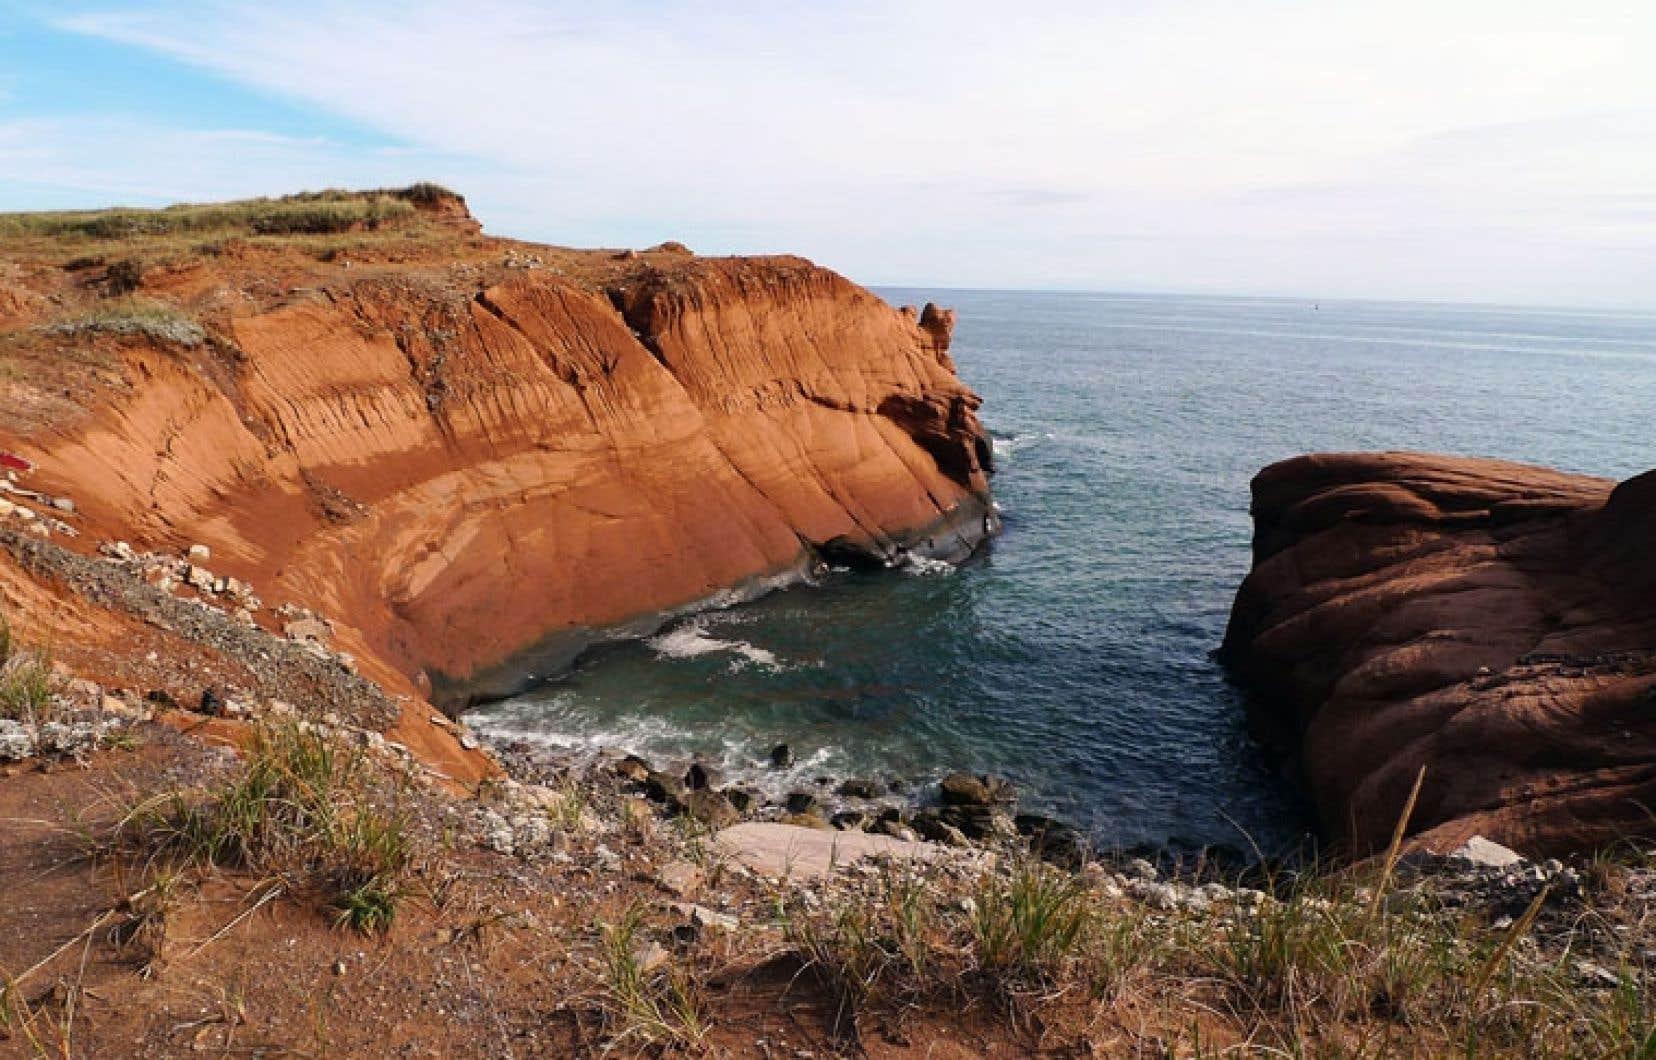 L'évaluation environnementale stratégique commandée par le gouvernement conclut à notre incapacité d'agir en cas de marée noire, ce qui poserait de sérieux risques pour le golfe du Saint-Laurent.